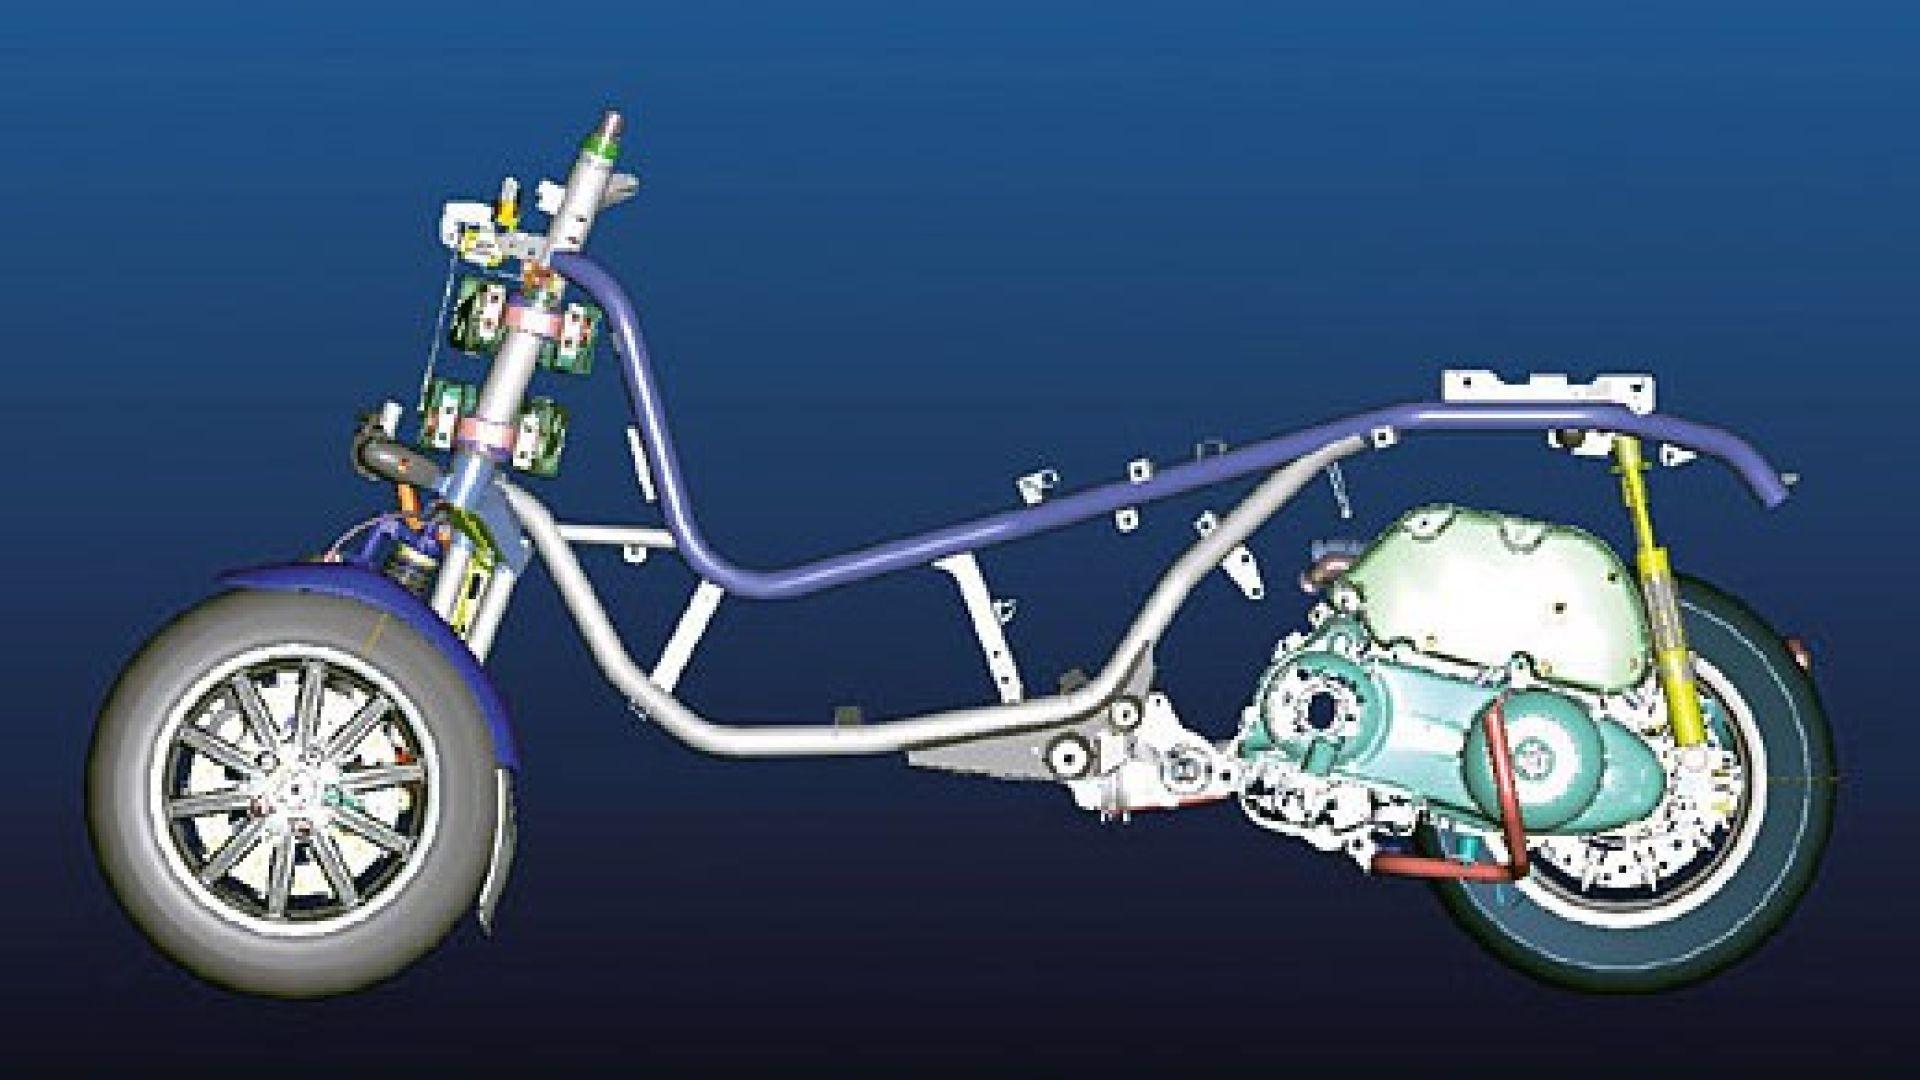 Immagine 21: Piaggio MP3, lo scooter con tre ruote